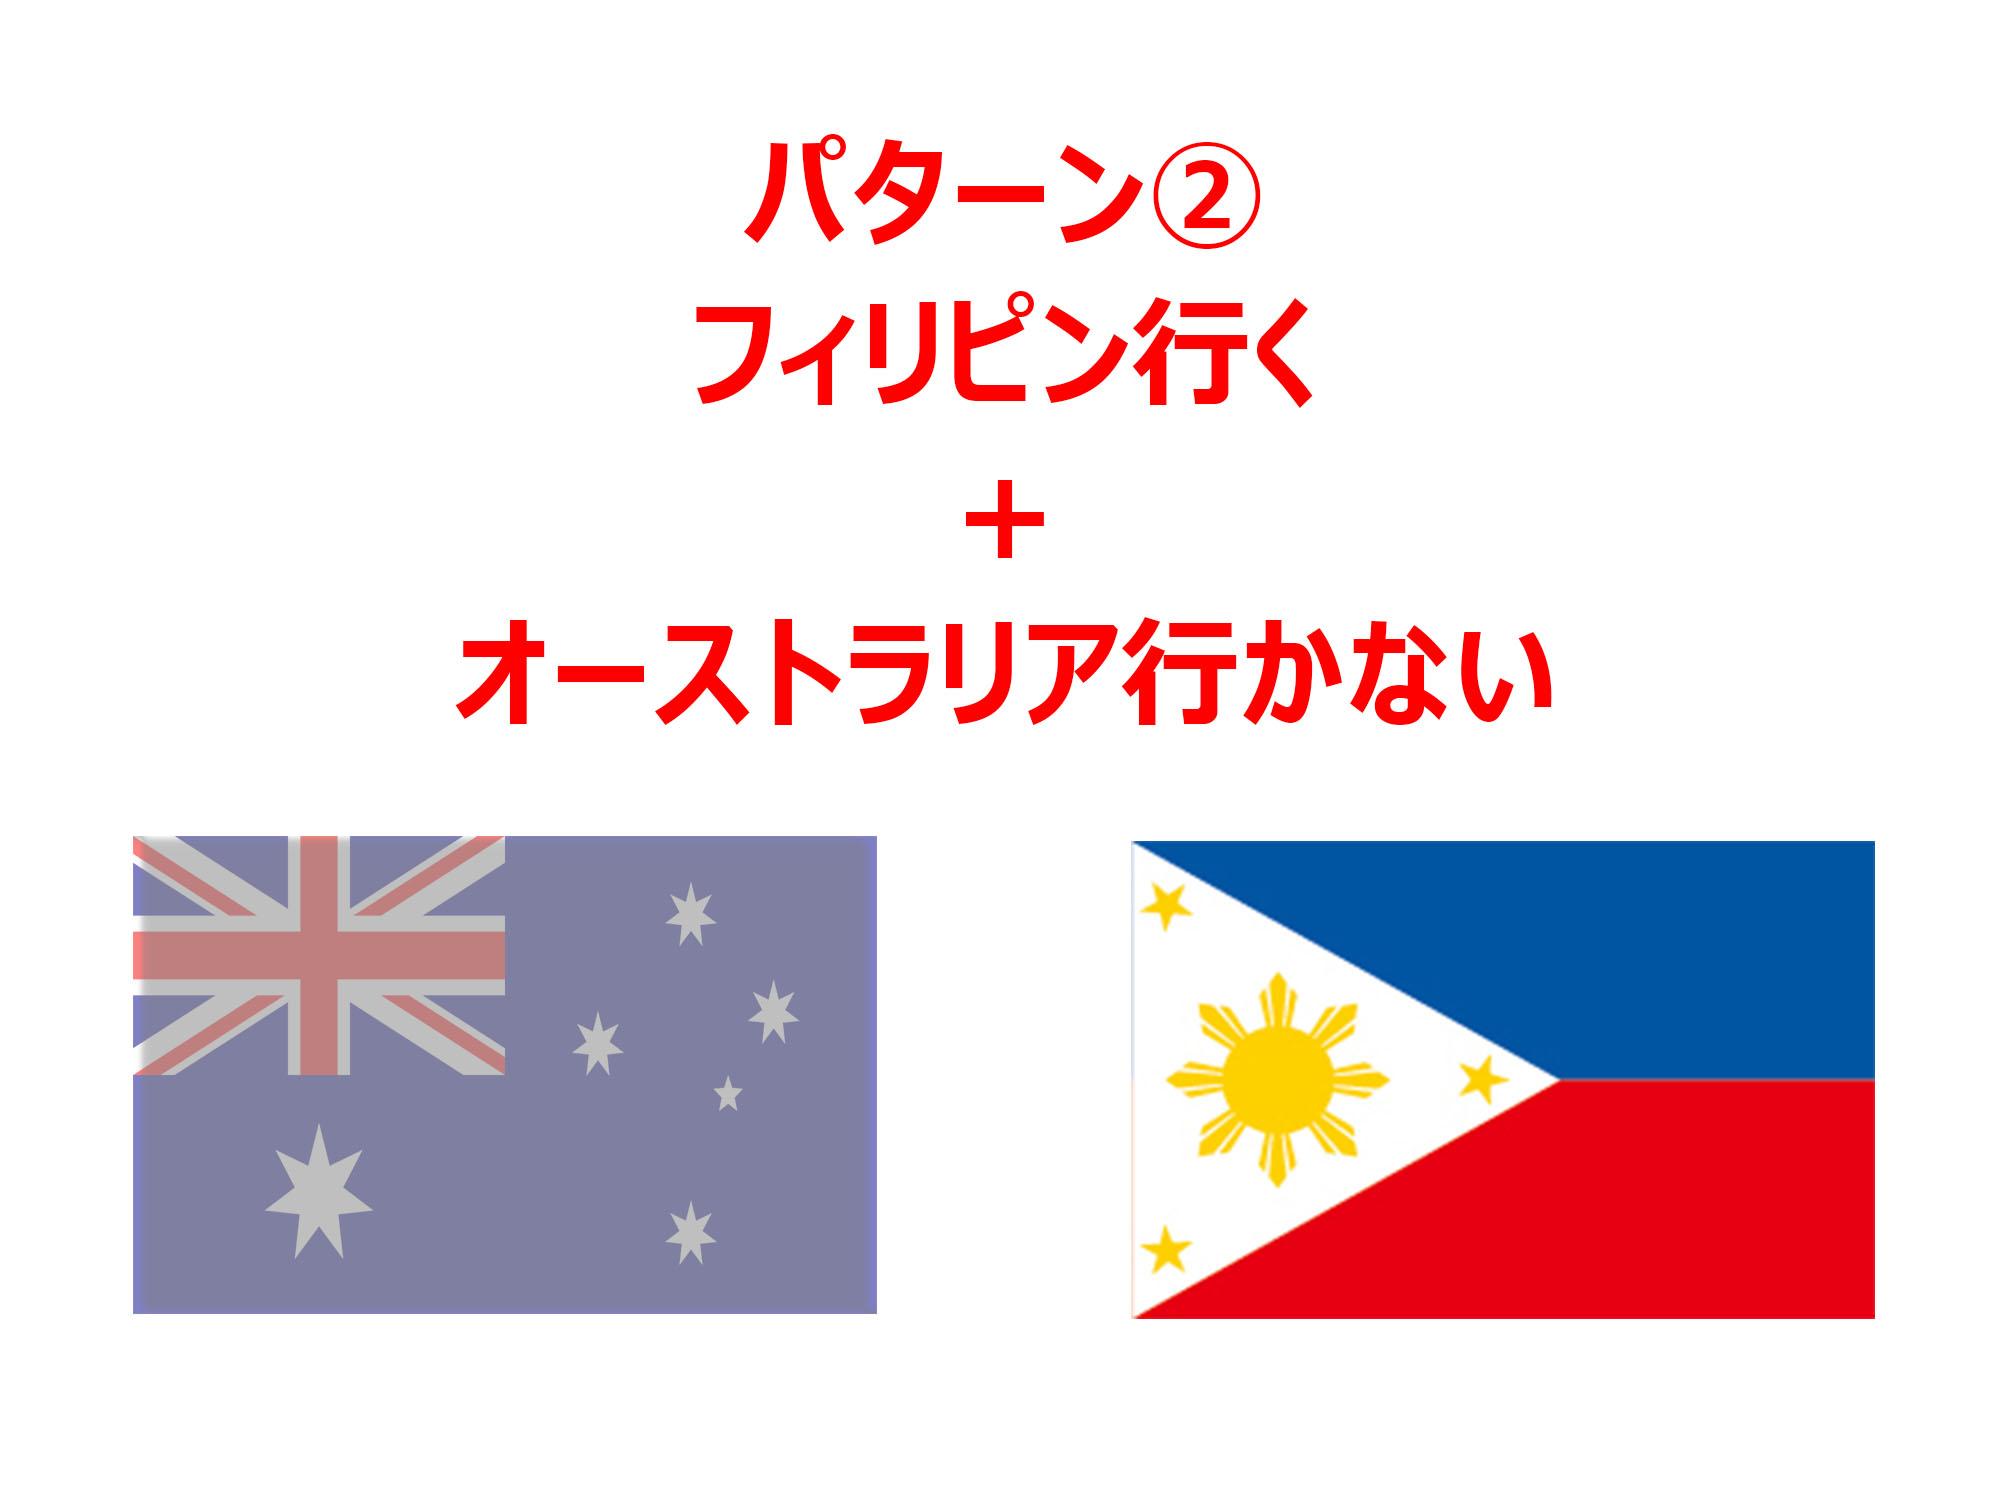 語学学校 フィリピン行く+オーストラリア行かない